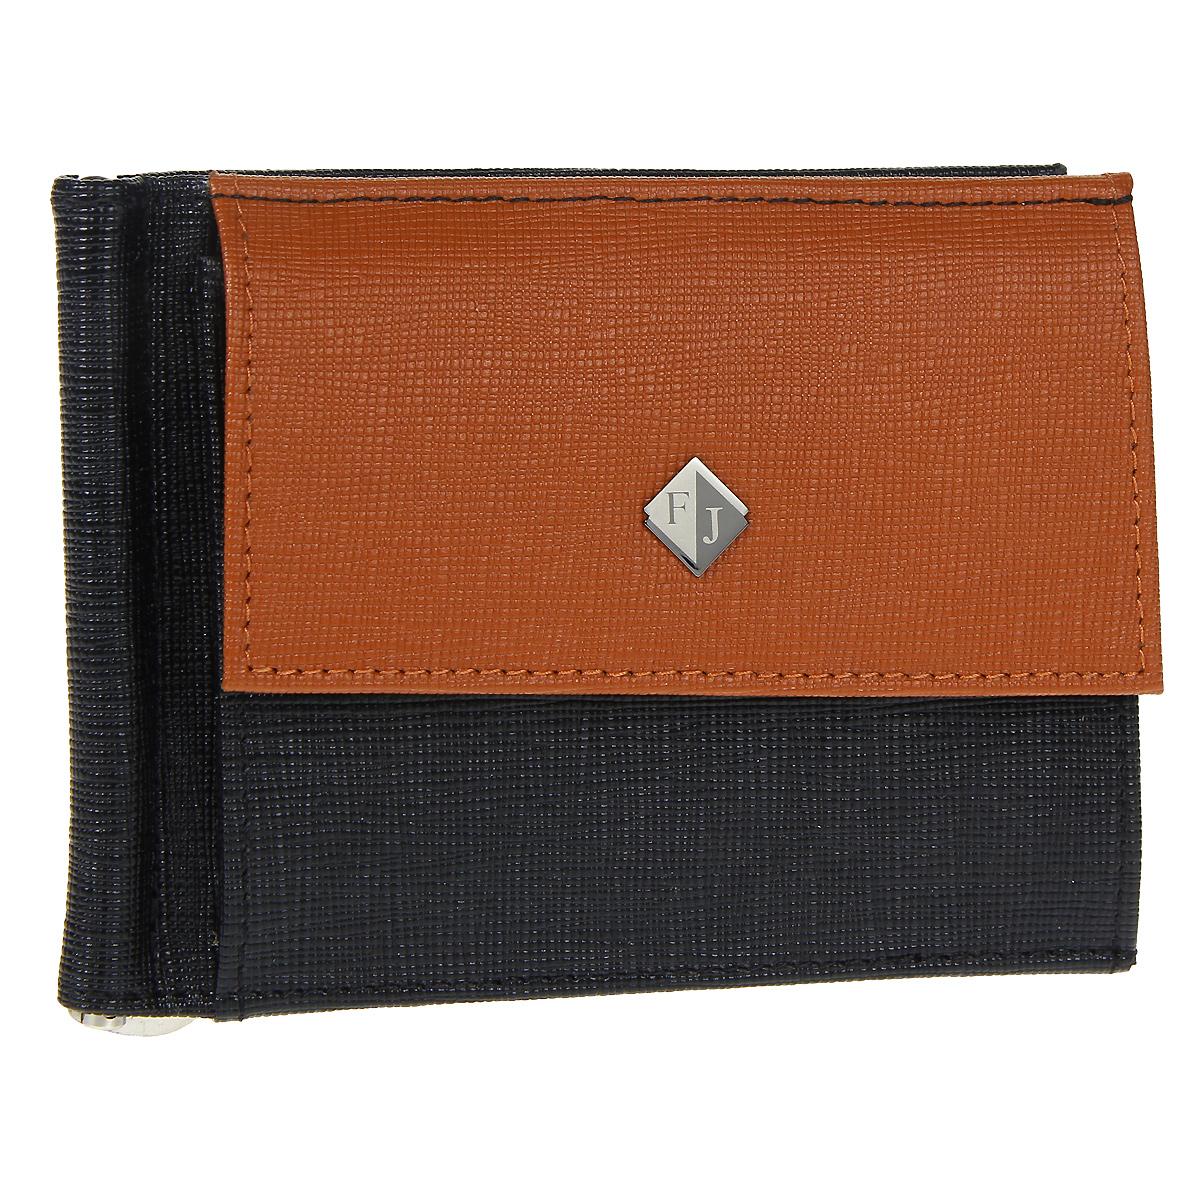 Зажим для купюр Flioraj, цвет: черный, рыжий. 1527-05/04/FINT-06501Зажим для купюр Flioraj выполнен из натуральной кожи черного цвета с отделкой из кожи рыжего цвета. На лицевой стороне зажима находится небольшой карман для мелочи, закрывающийся на кнопку. Внутри имеется отодвигающийся металлический зажим и два сетчатых кармана. Зажим для купюр закрывается на кнопку.Зажим упакован в подарочную упаковку из плотного картона. Зажим для купюр Flioraj станет отличным подарком человеку, ценящему практичные и стильные вещи, а качество его исполнения представит такой подарок в самом выгодном свете. Характеристики: Материал: натуральная кожа, металл. Размер в сложенном виде: 12 см х 9 см х 1 см. Цвет: черный, рыжий. Размер упаковки:16,5 см х 15 см х 4 см. Артикул: 1527-05/04/F.